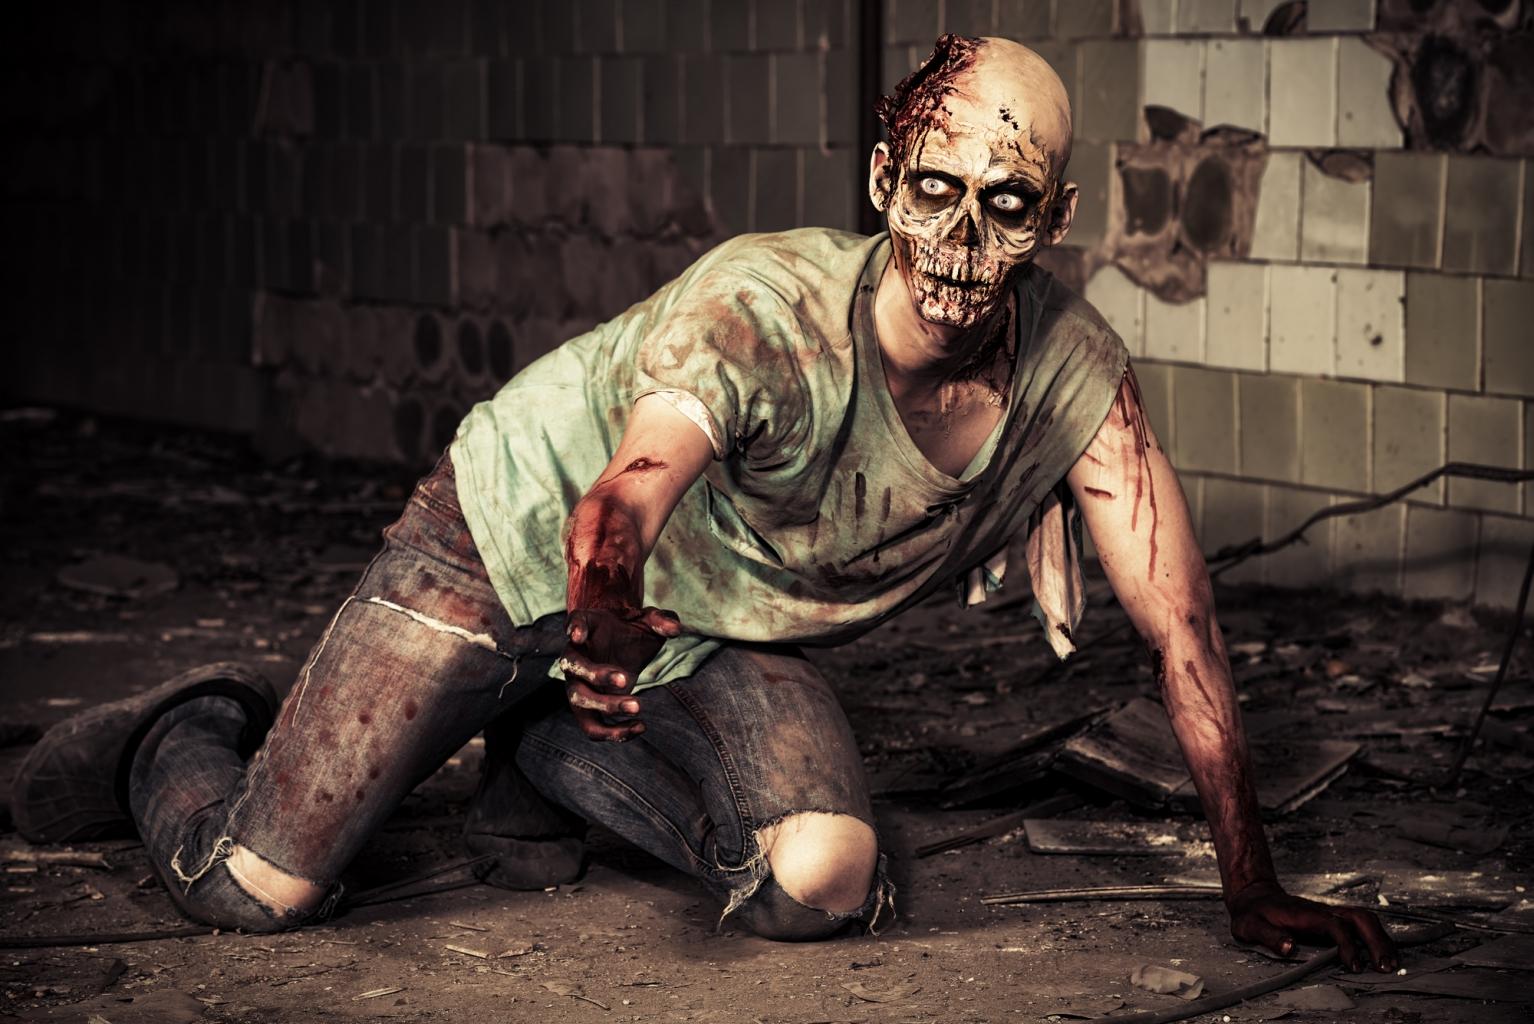 Überall in Wien sind Zombies? So kannst du überleben!